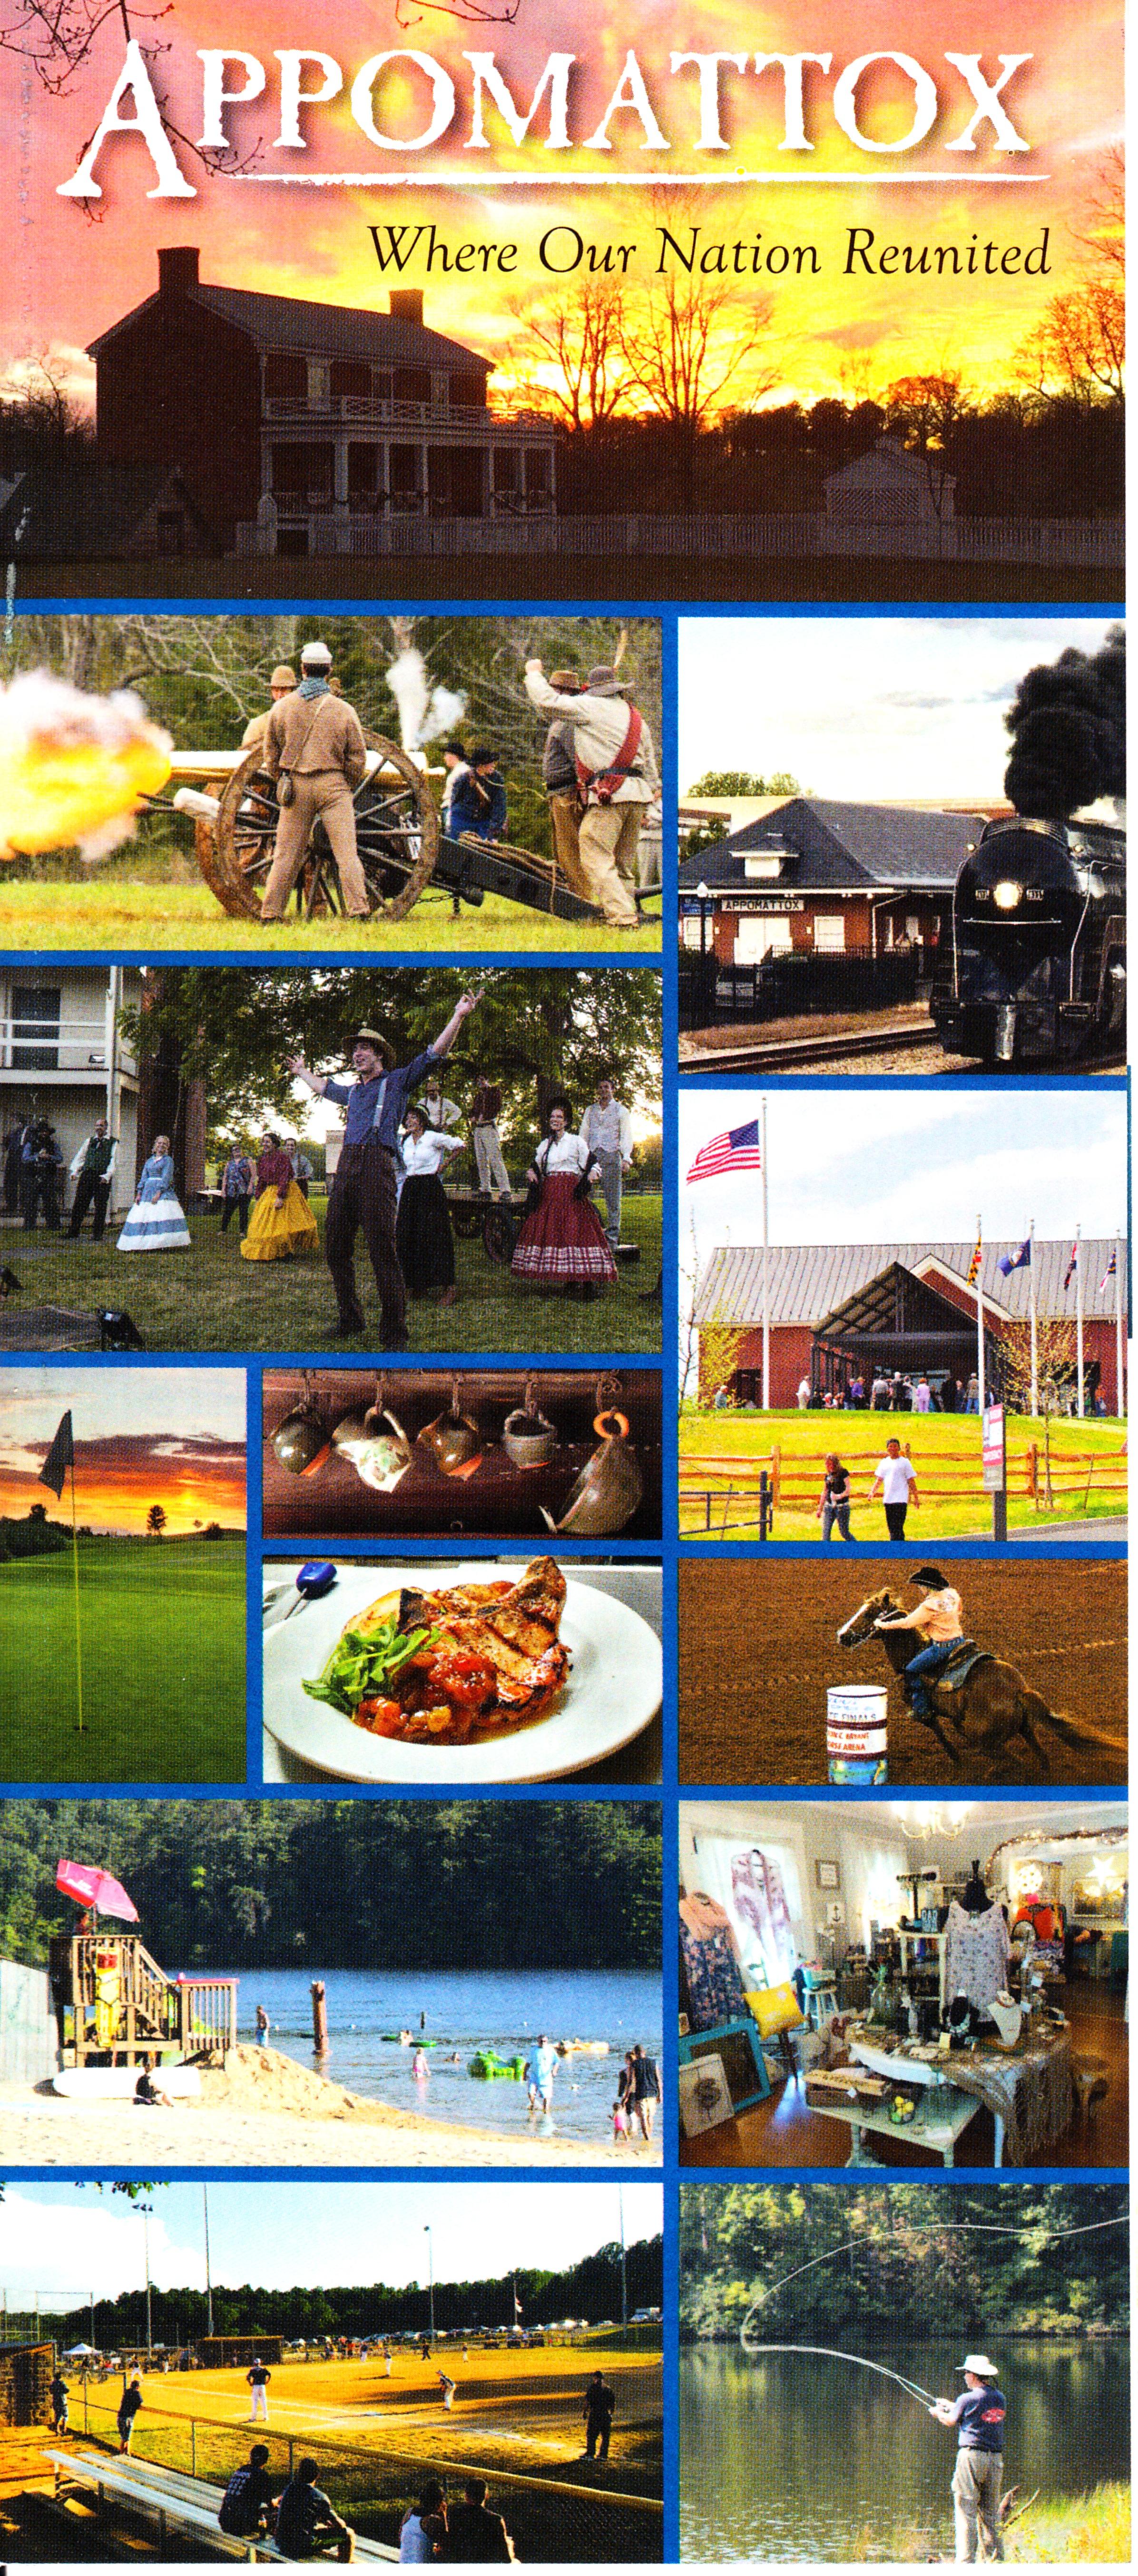 Appomattox Front Brochure Cover